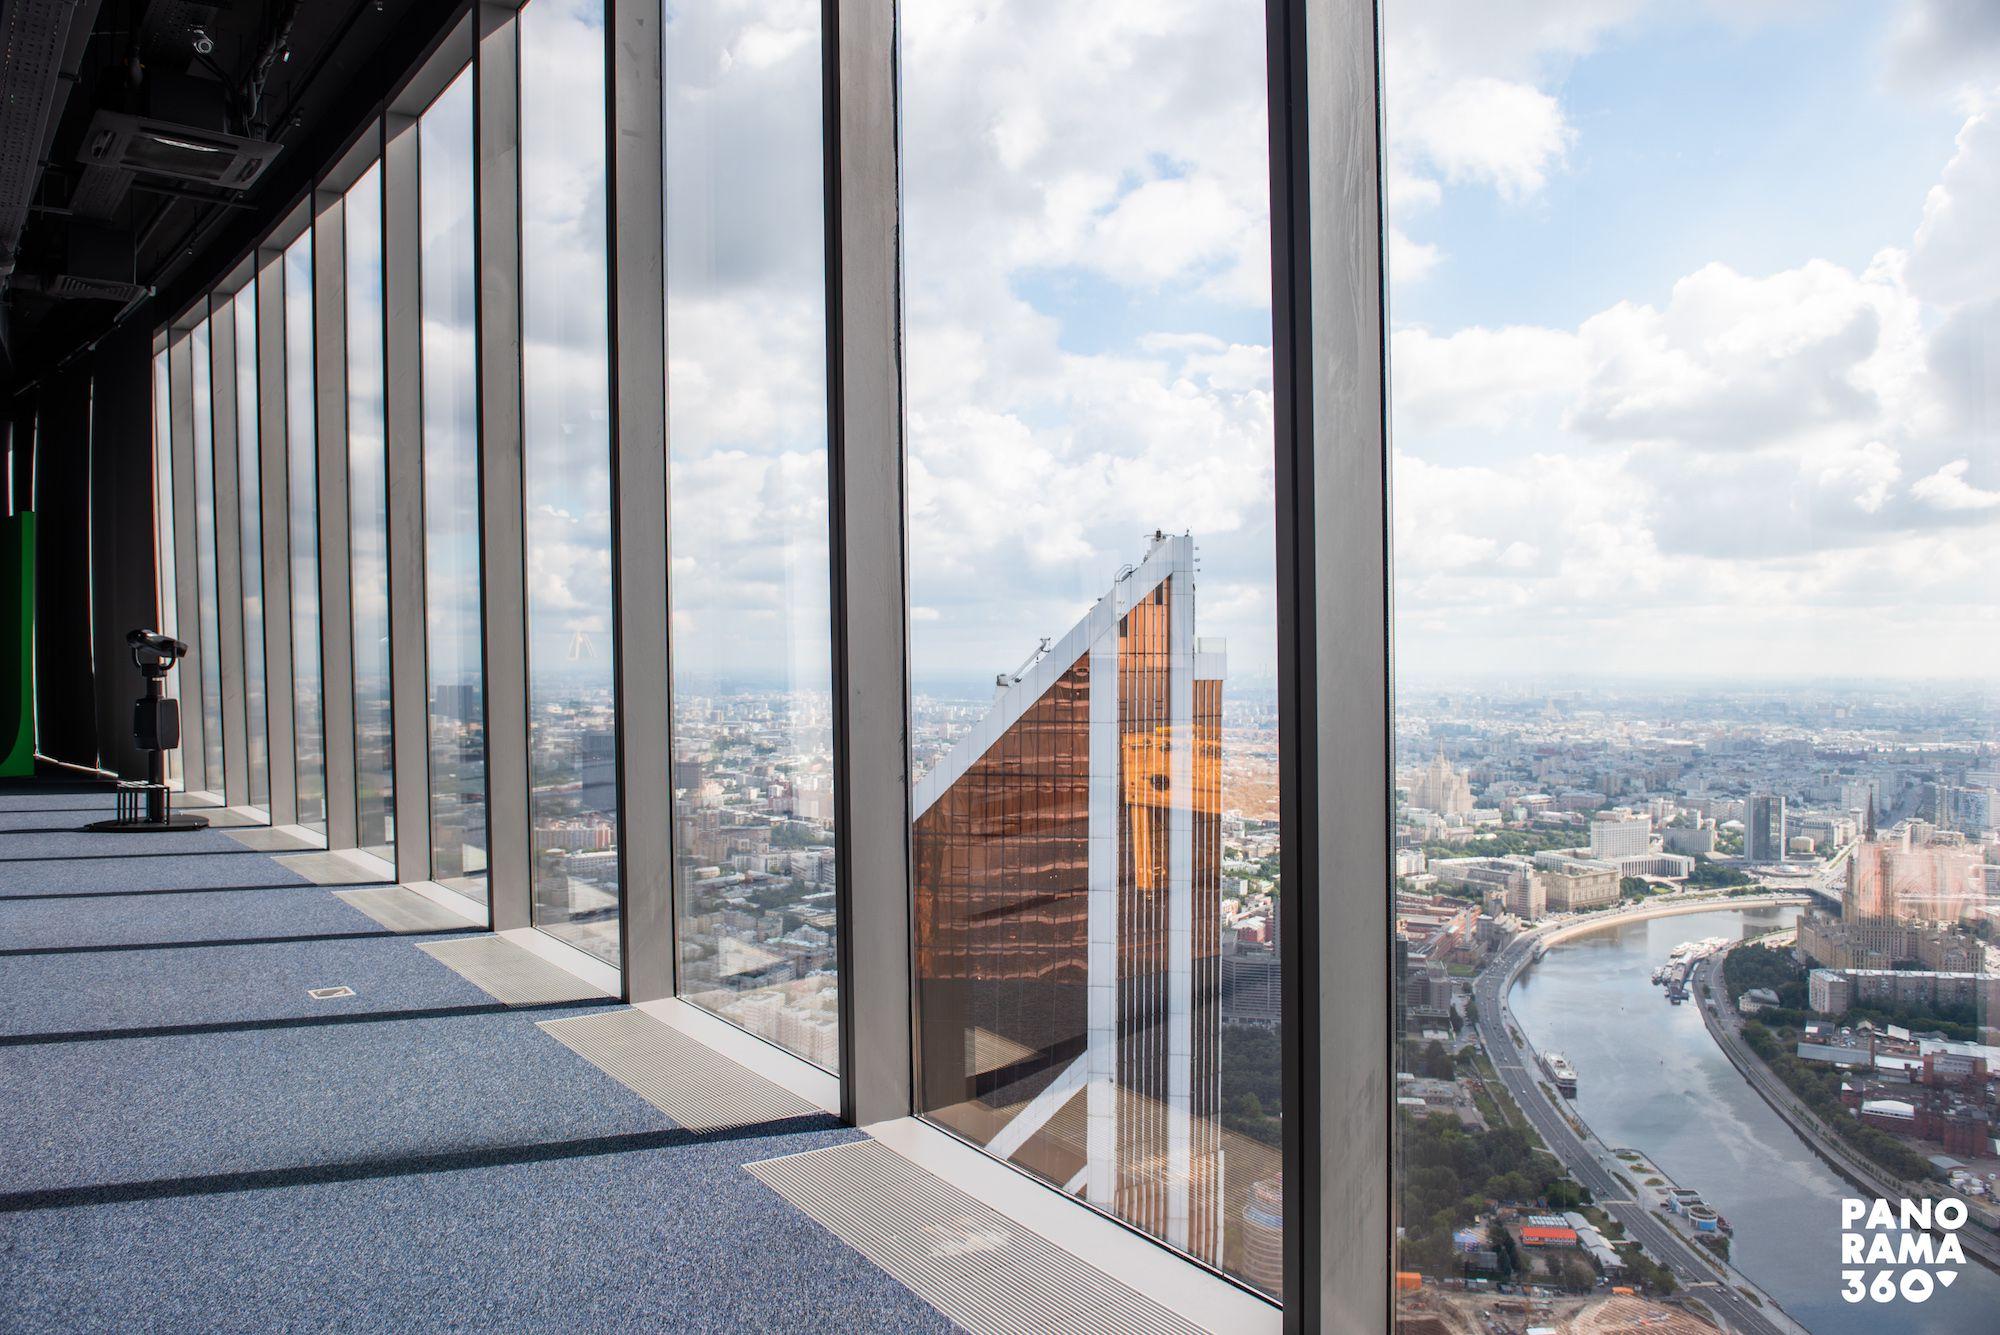 Онлайн-экскурсии по Москве с 89-го этажа от площадки PANORAMA360 фото 1